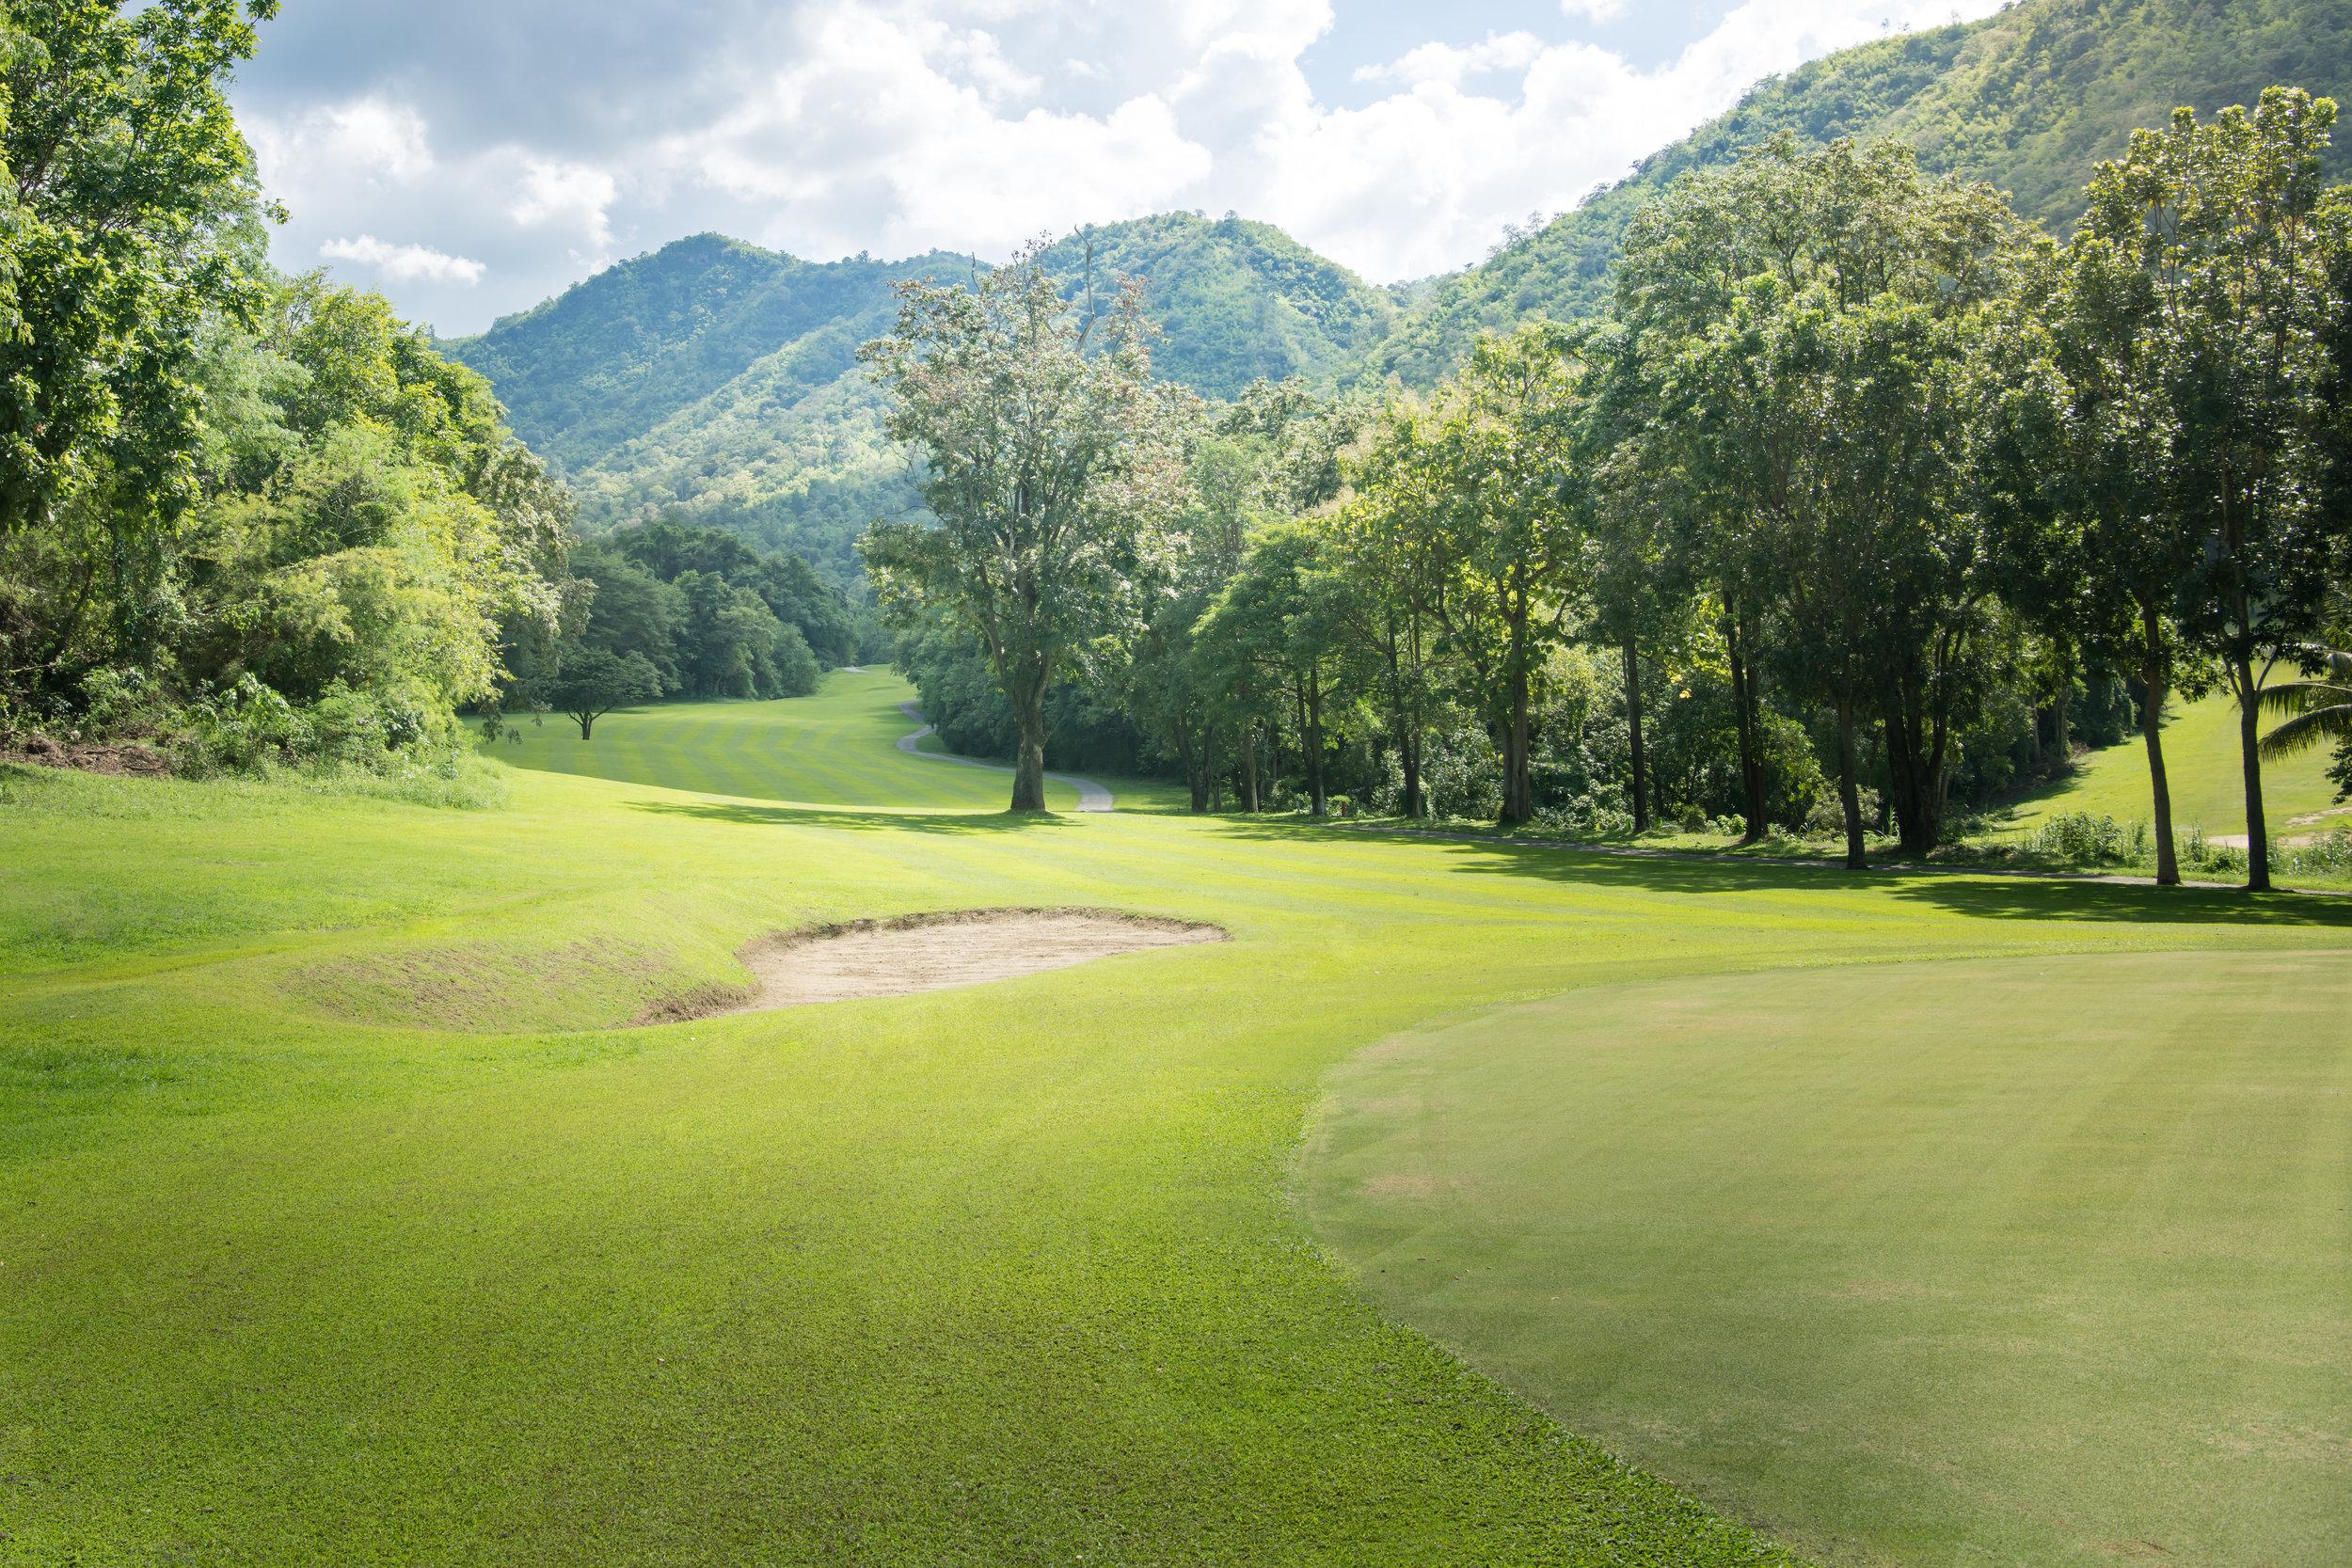 golf-AMHLQB2 copy.jpg